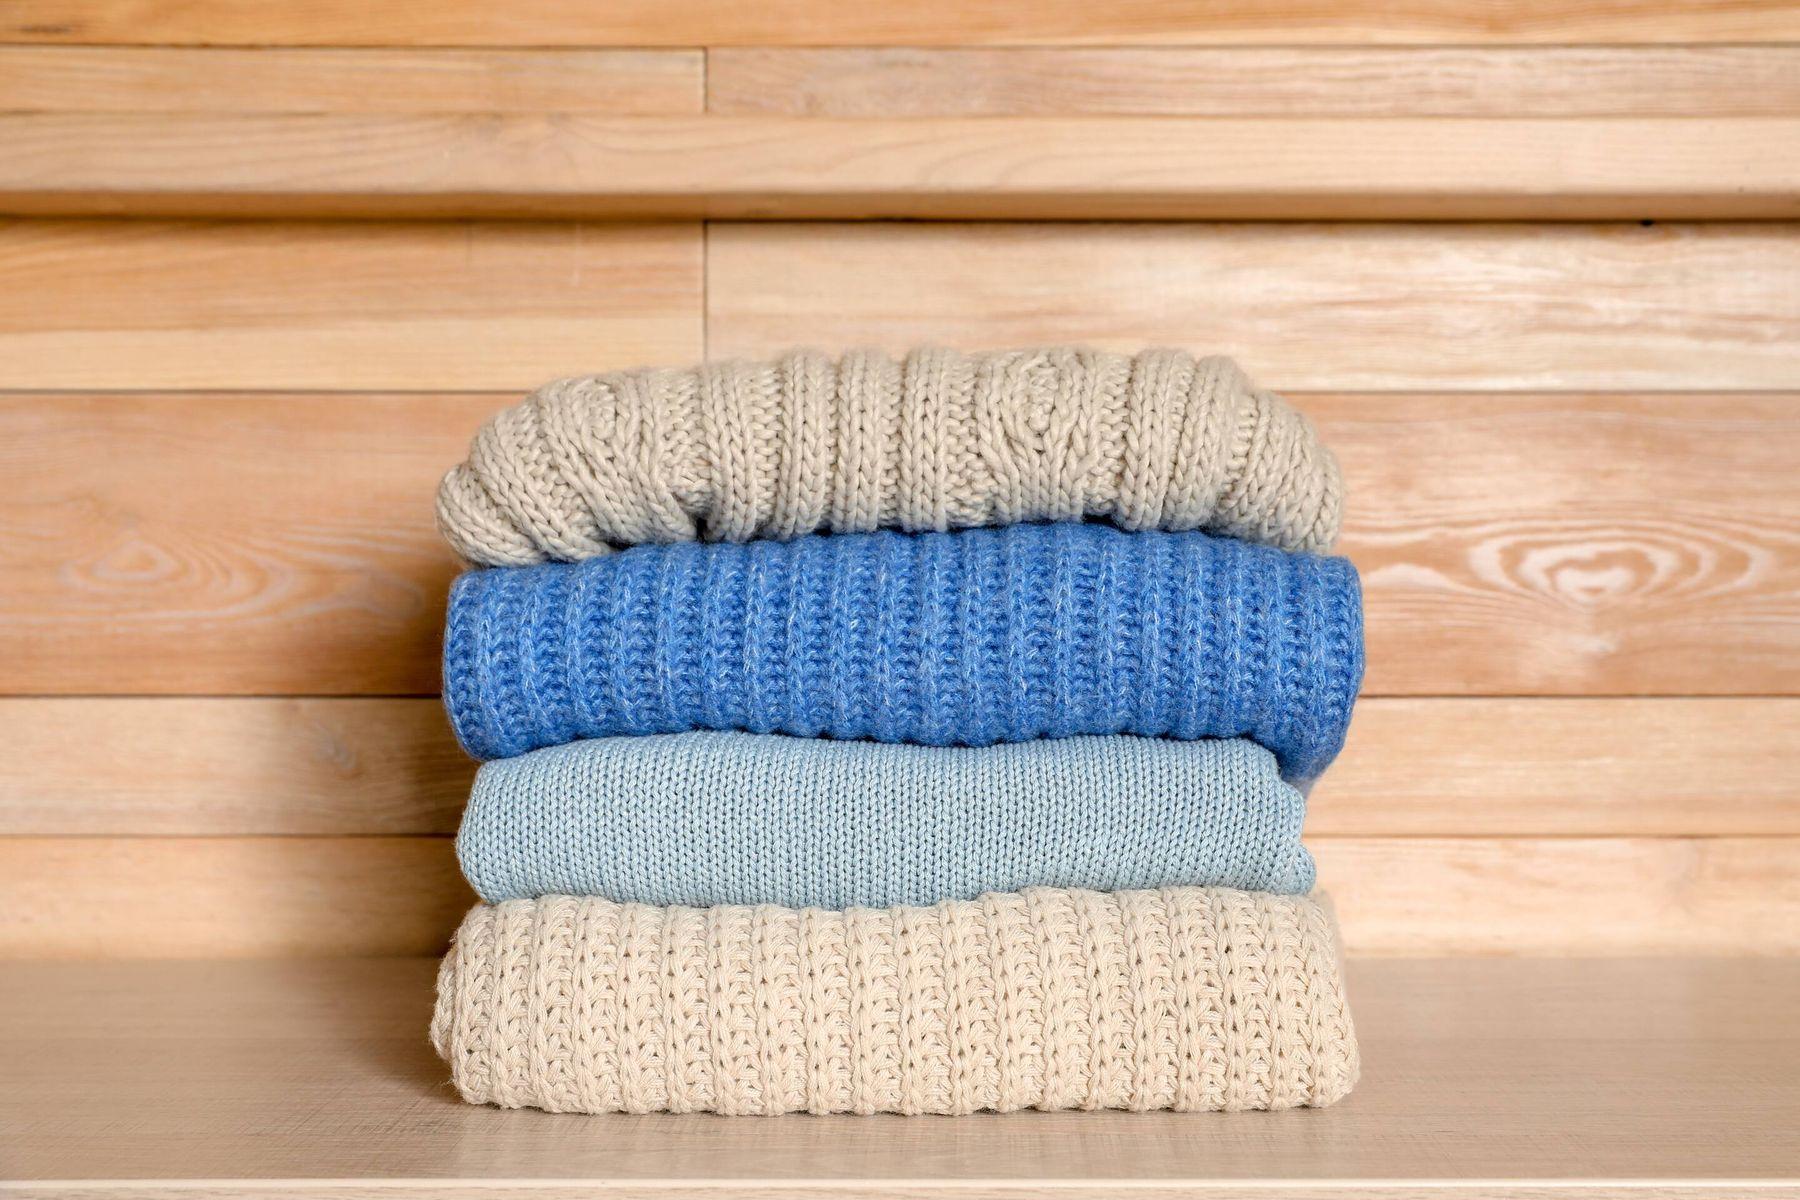 अपने ऊनी कपड़ों की देखभाल कैसे करें | क्लीएनीपीडिया